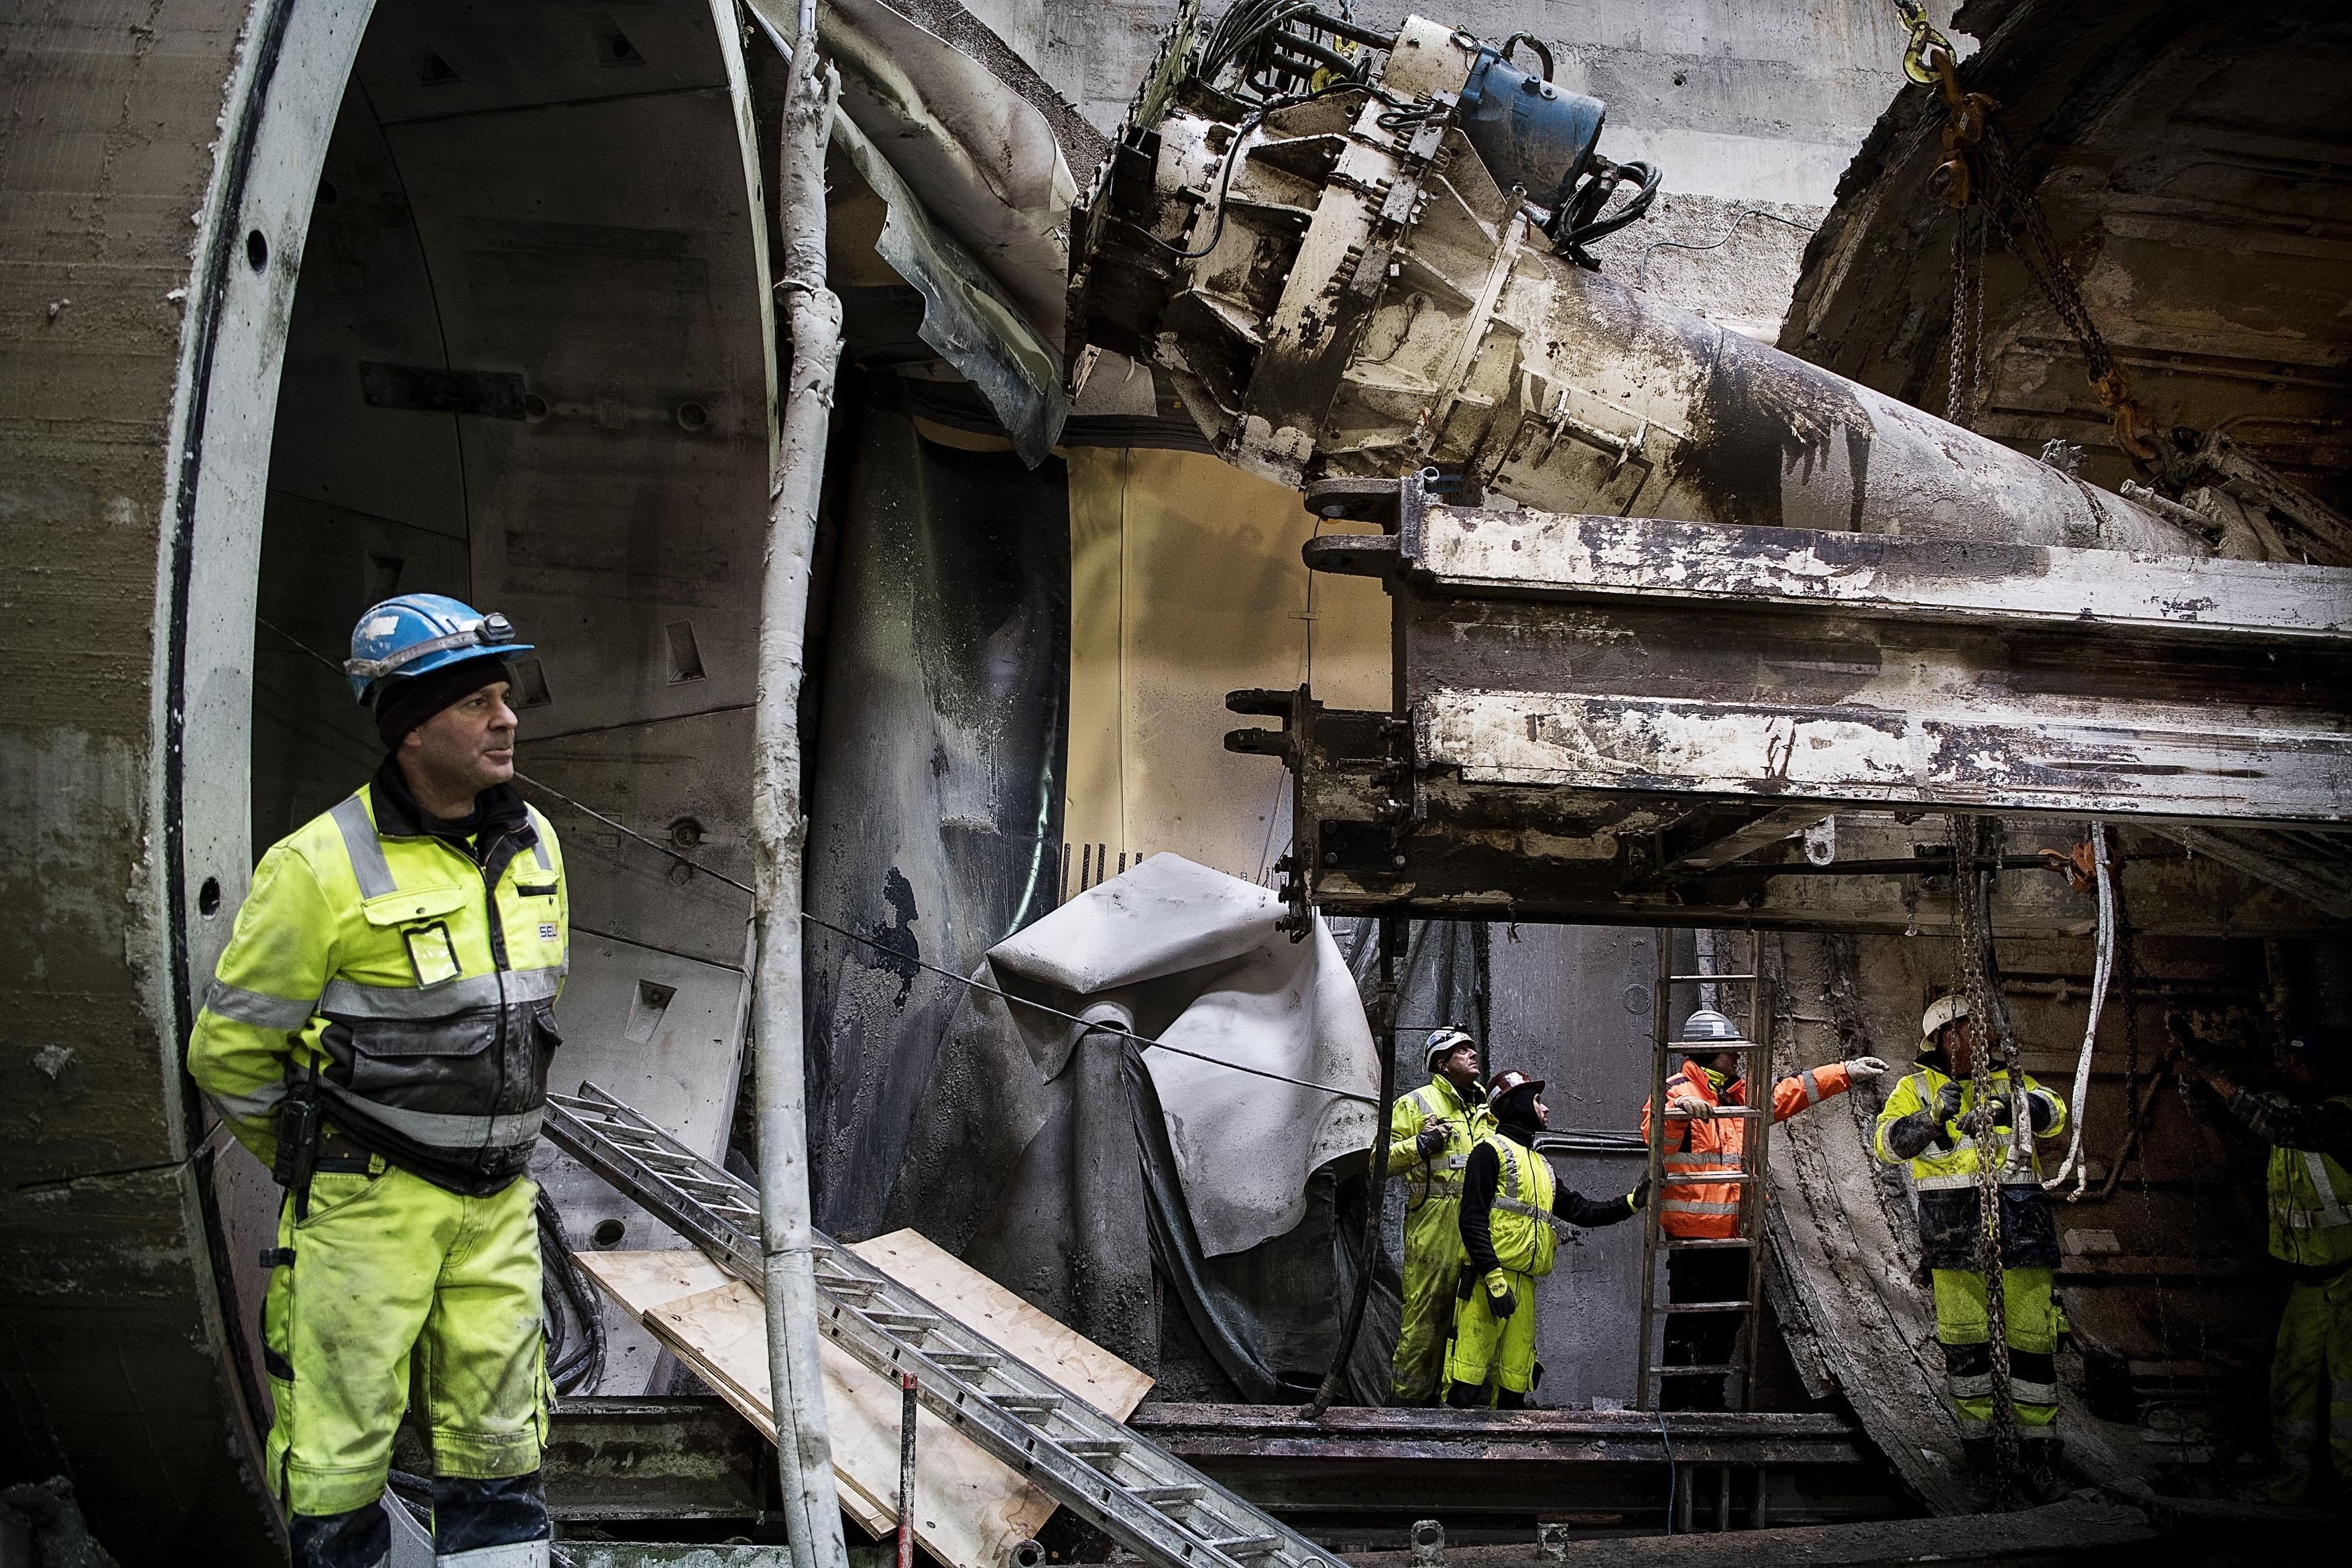 Mangelfuld kommunikation er ofte en af årsagerne til, at ulykker sker på metrobyggeriet, har Arbejdstilsynet erfaret.